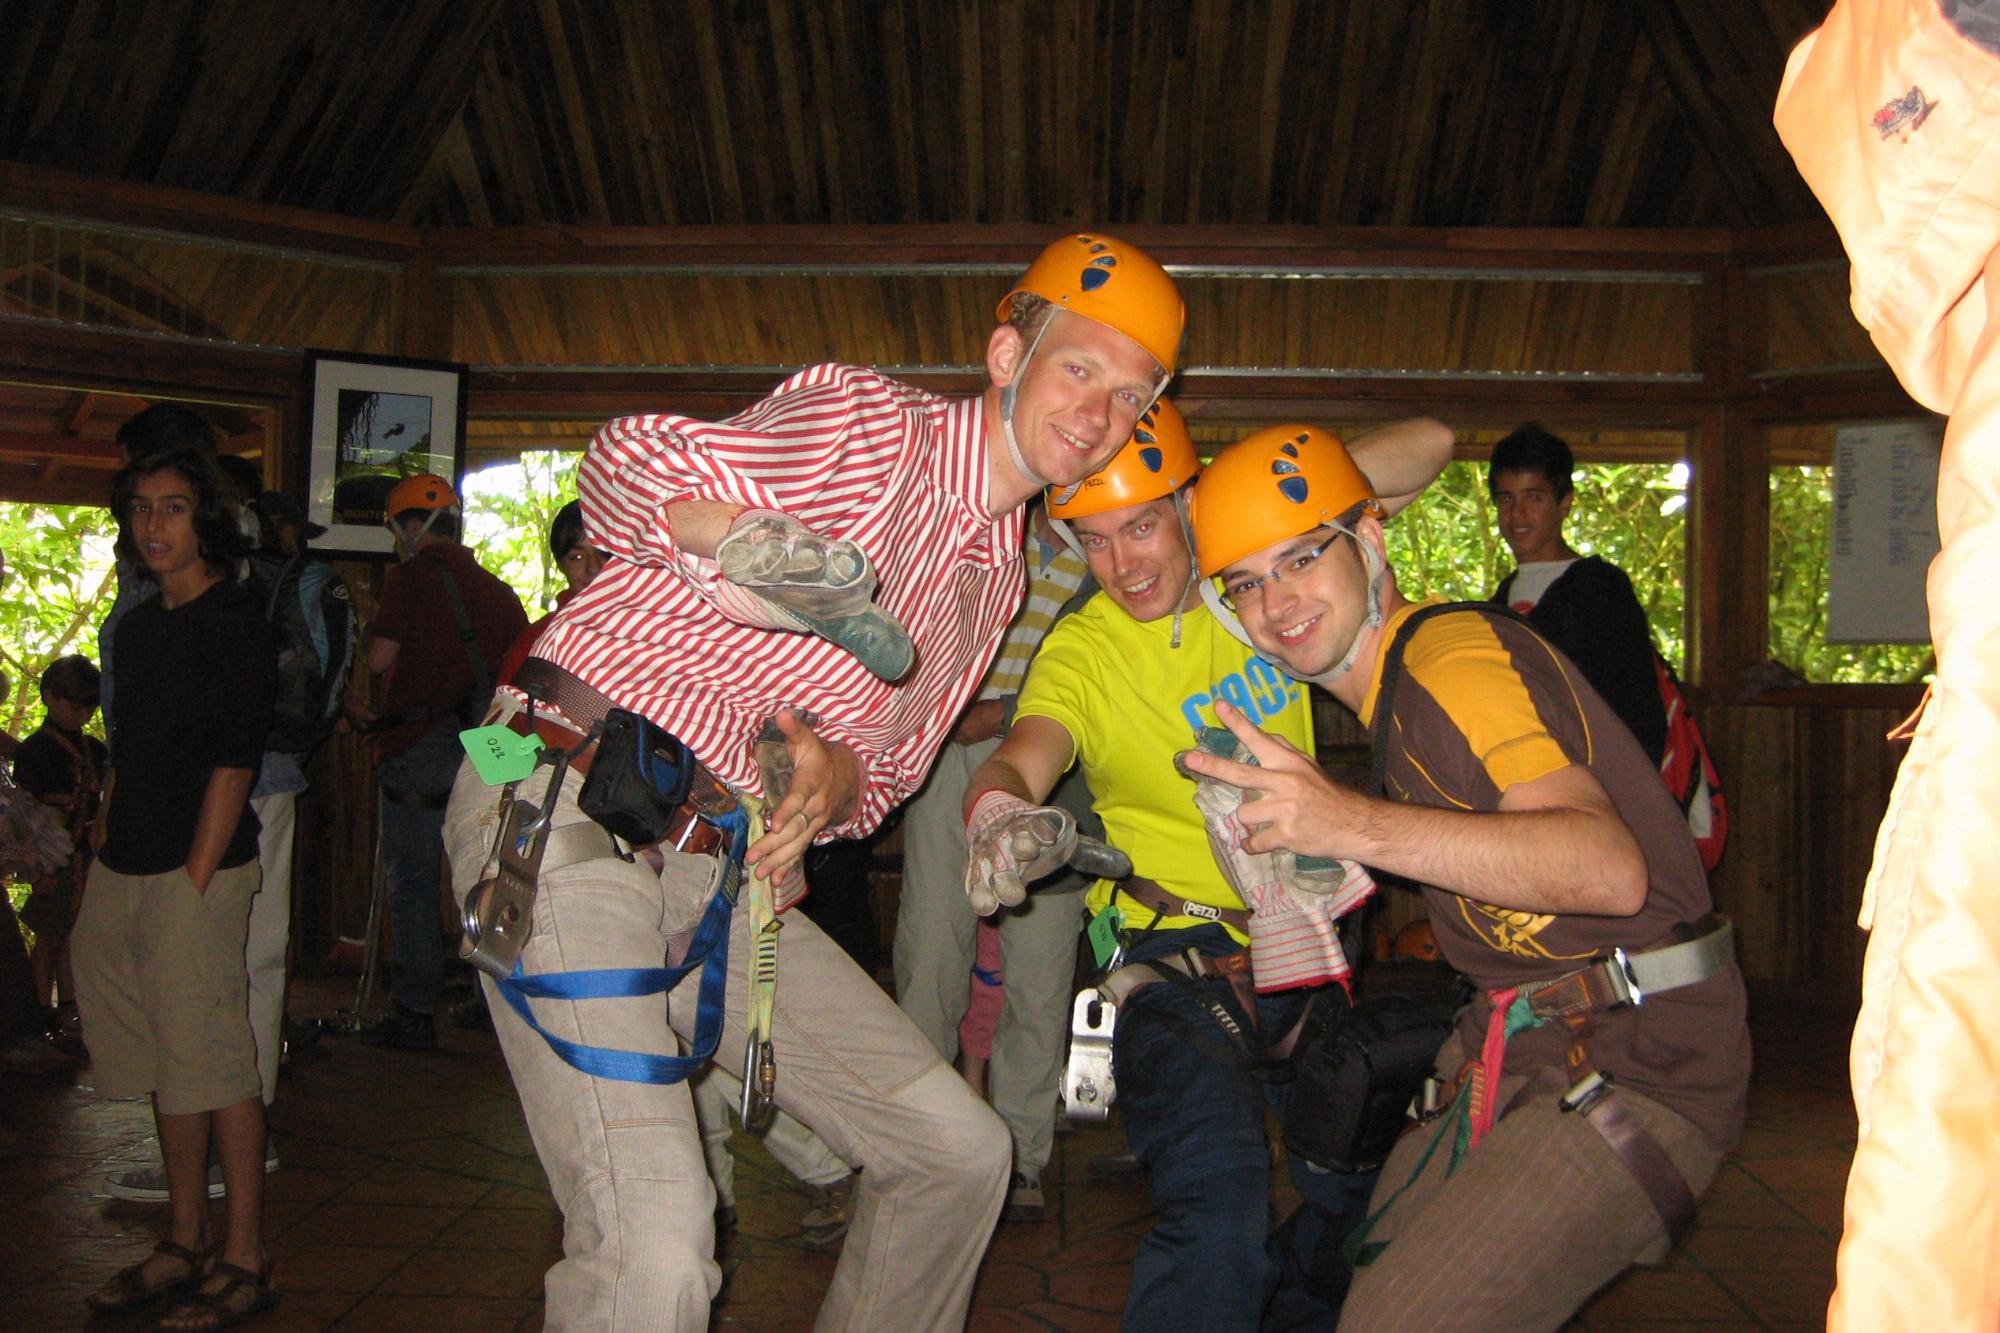 5 reden om naar Costa Rica te reizen - Volop activieiten: canopy